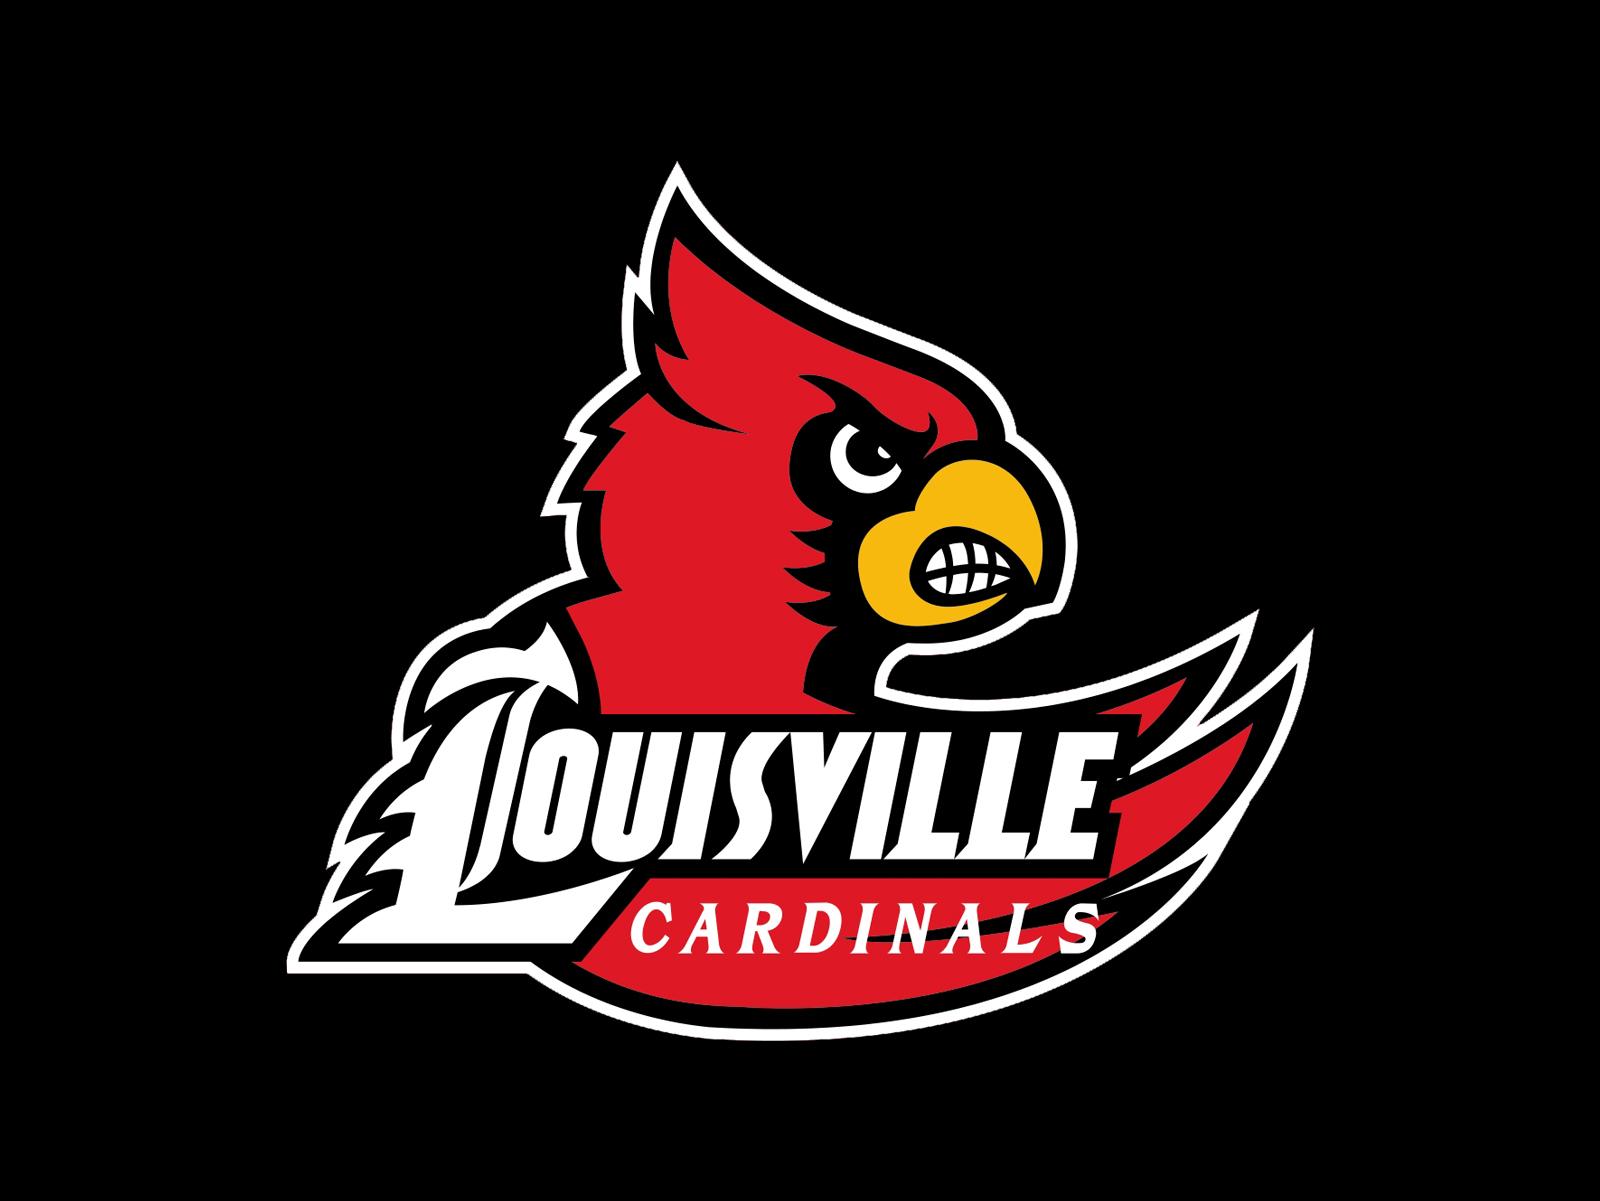 Louisville Cardinal Football Wallpaper